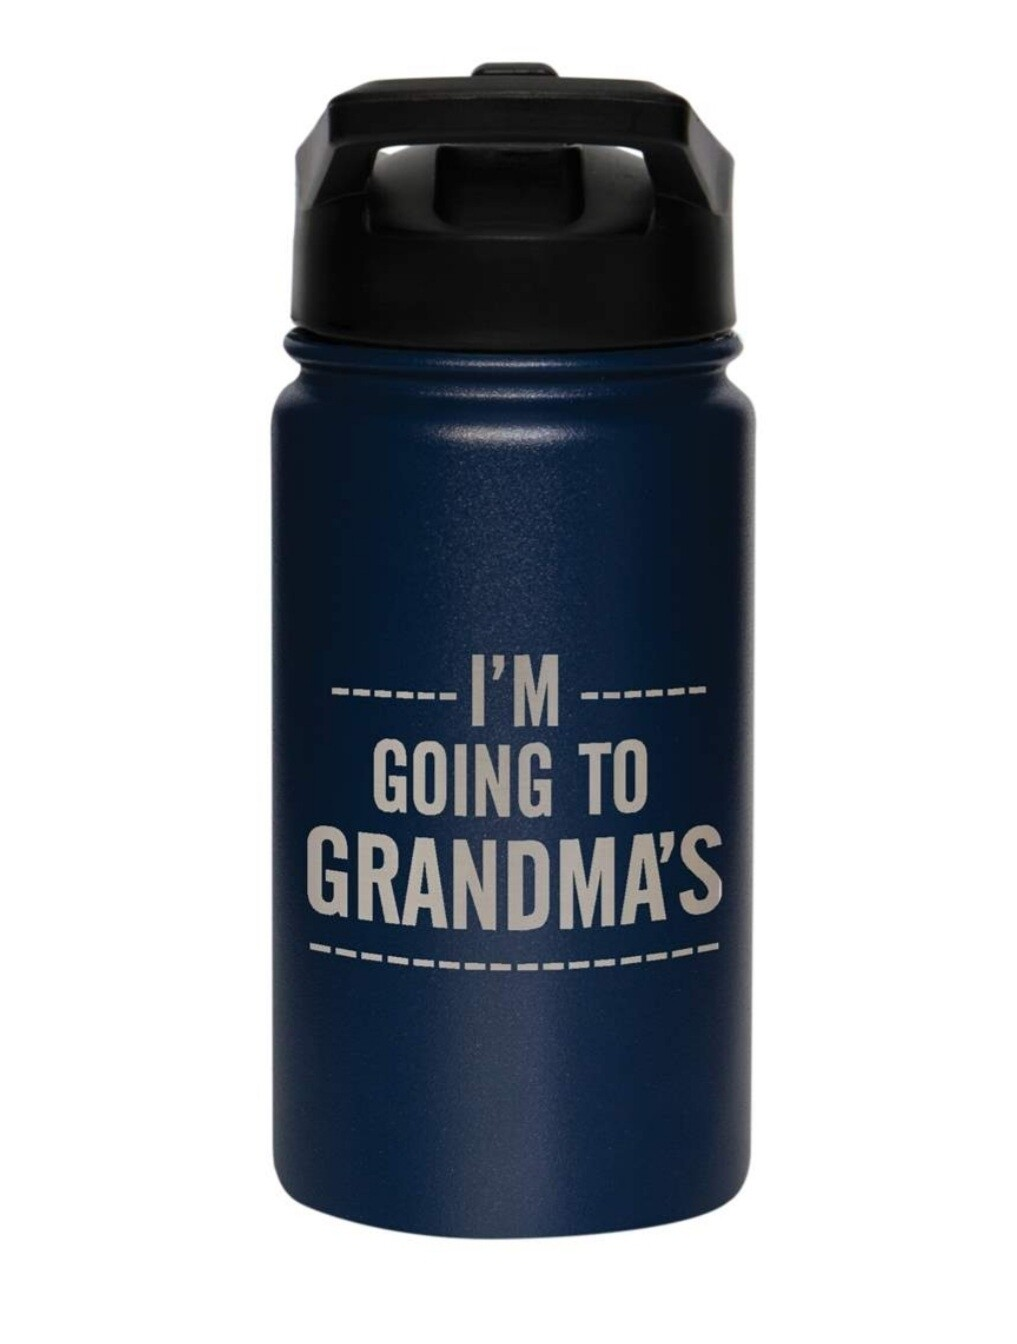 Carson 14oz Stainless Steel Children's Sport Bottle - I'm Going To Grandma's